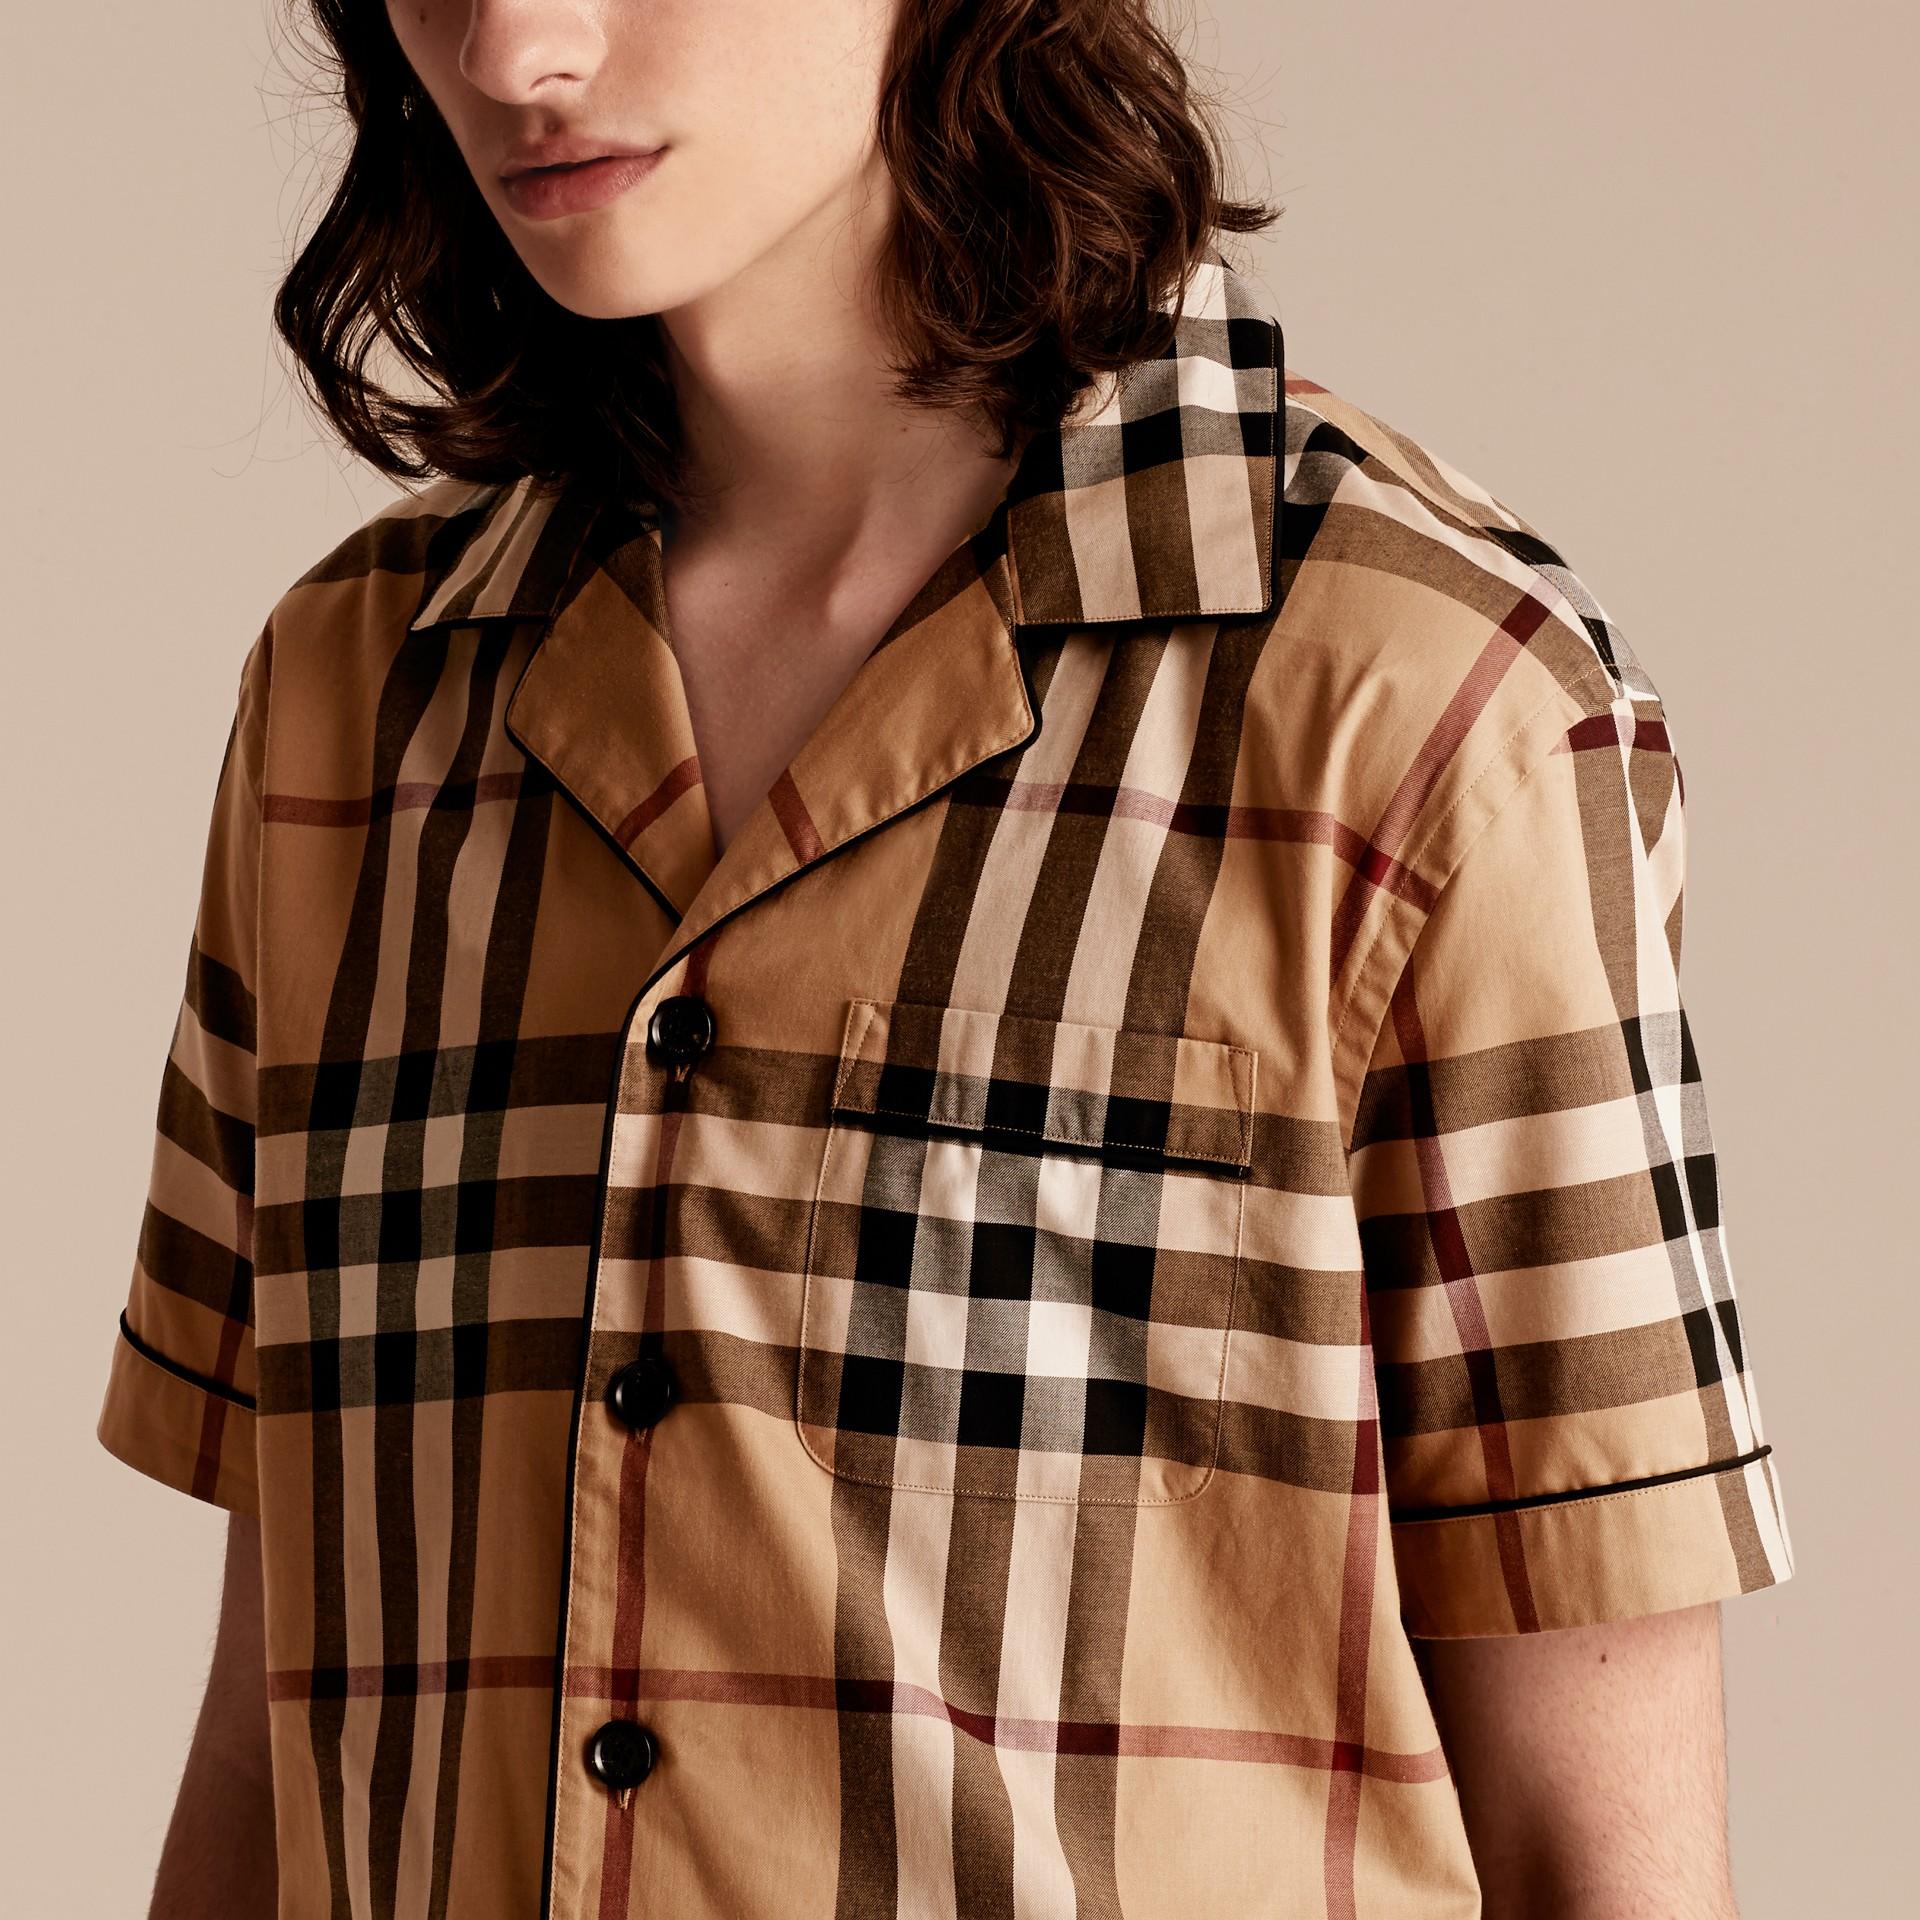 Camel Chemise de style pyjama à manches courtes en coton à motif check Camel - photo de la galerie 5